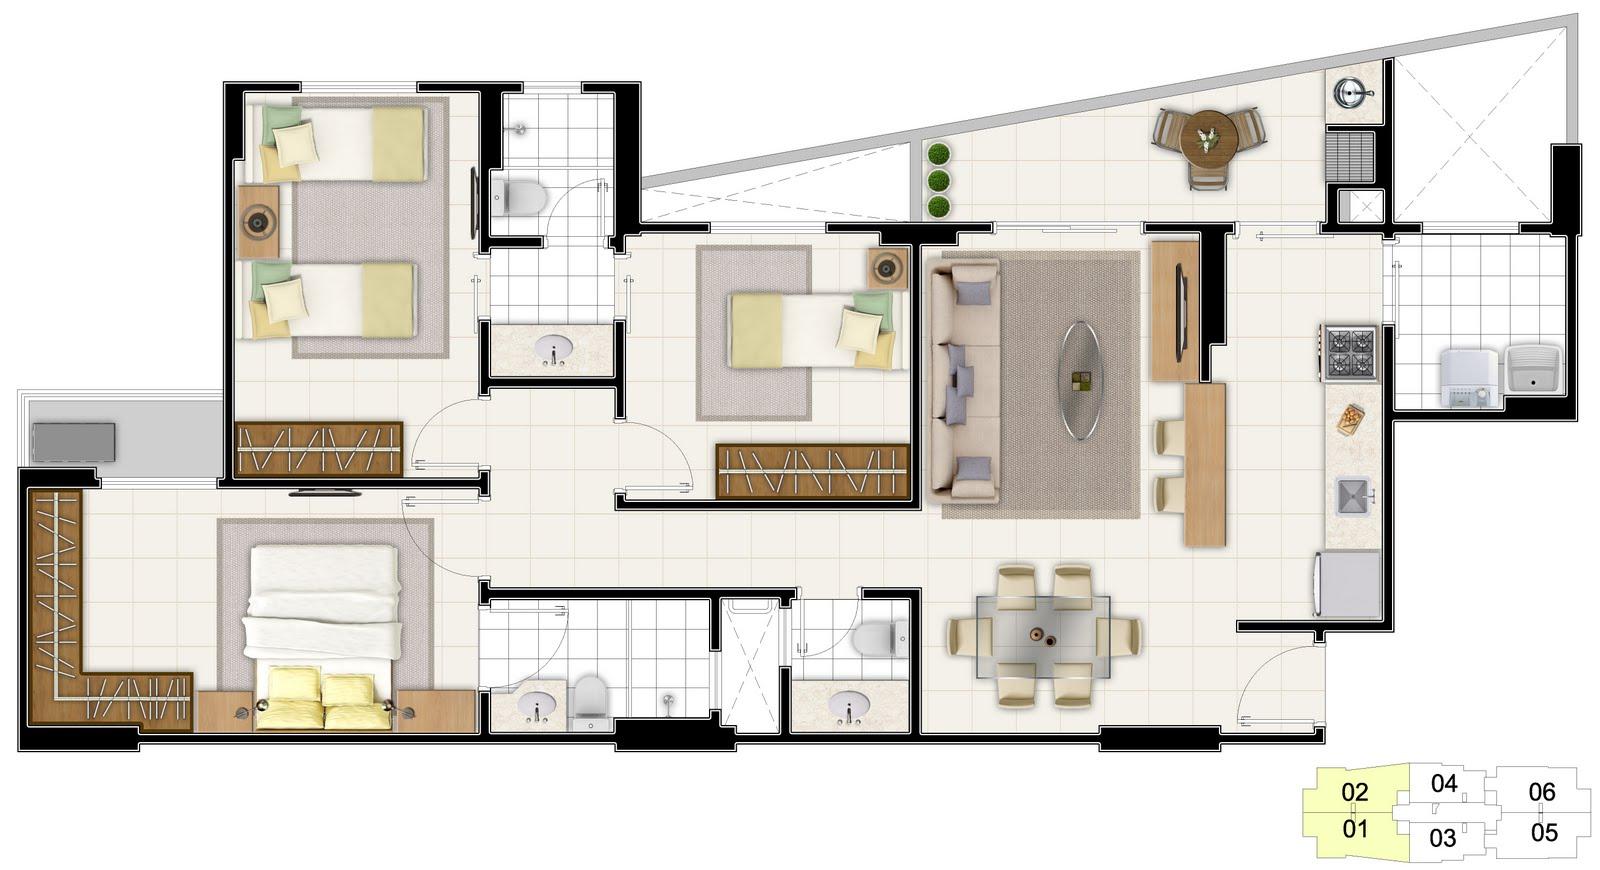 Cozinha Americana 3 Quartos Plantas de casas Projetos plantas de  #476522 1600 870